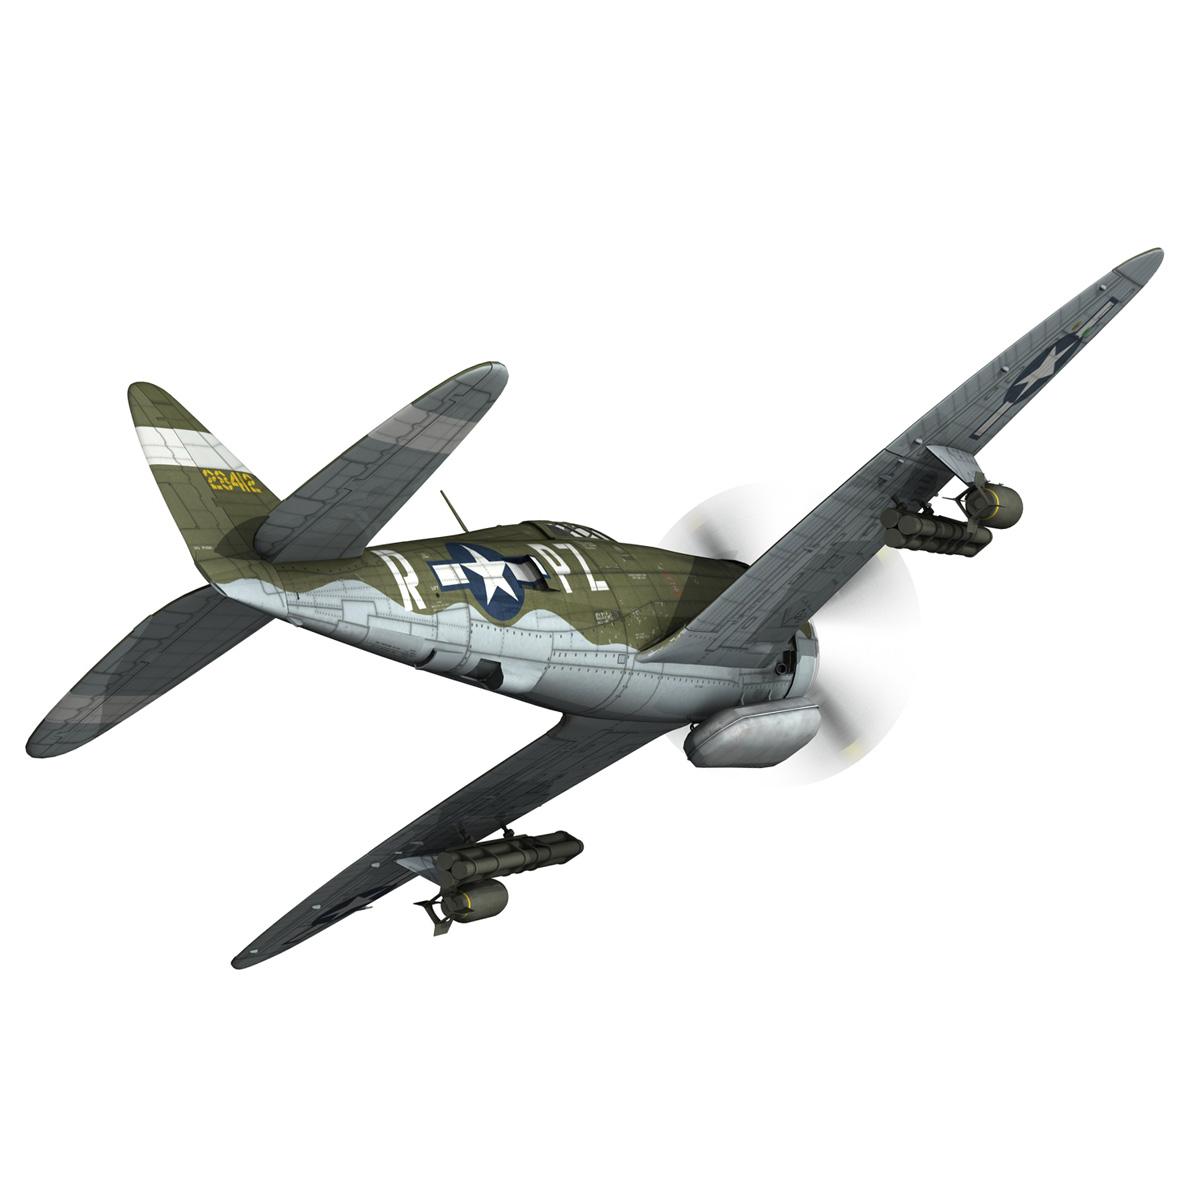 republic p-47d thunderbolt – sweetie – pz-r 3d model 3ds fbx c4d lwo obj 281836